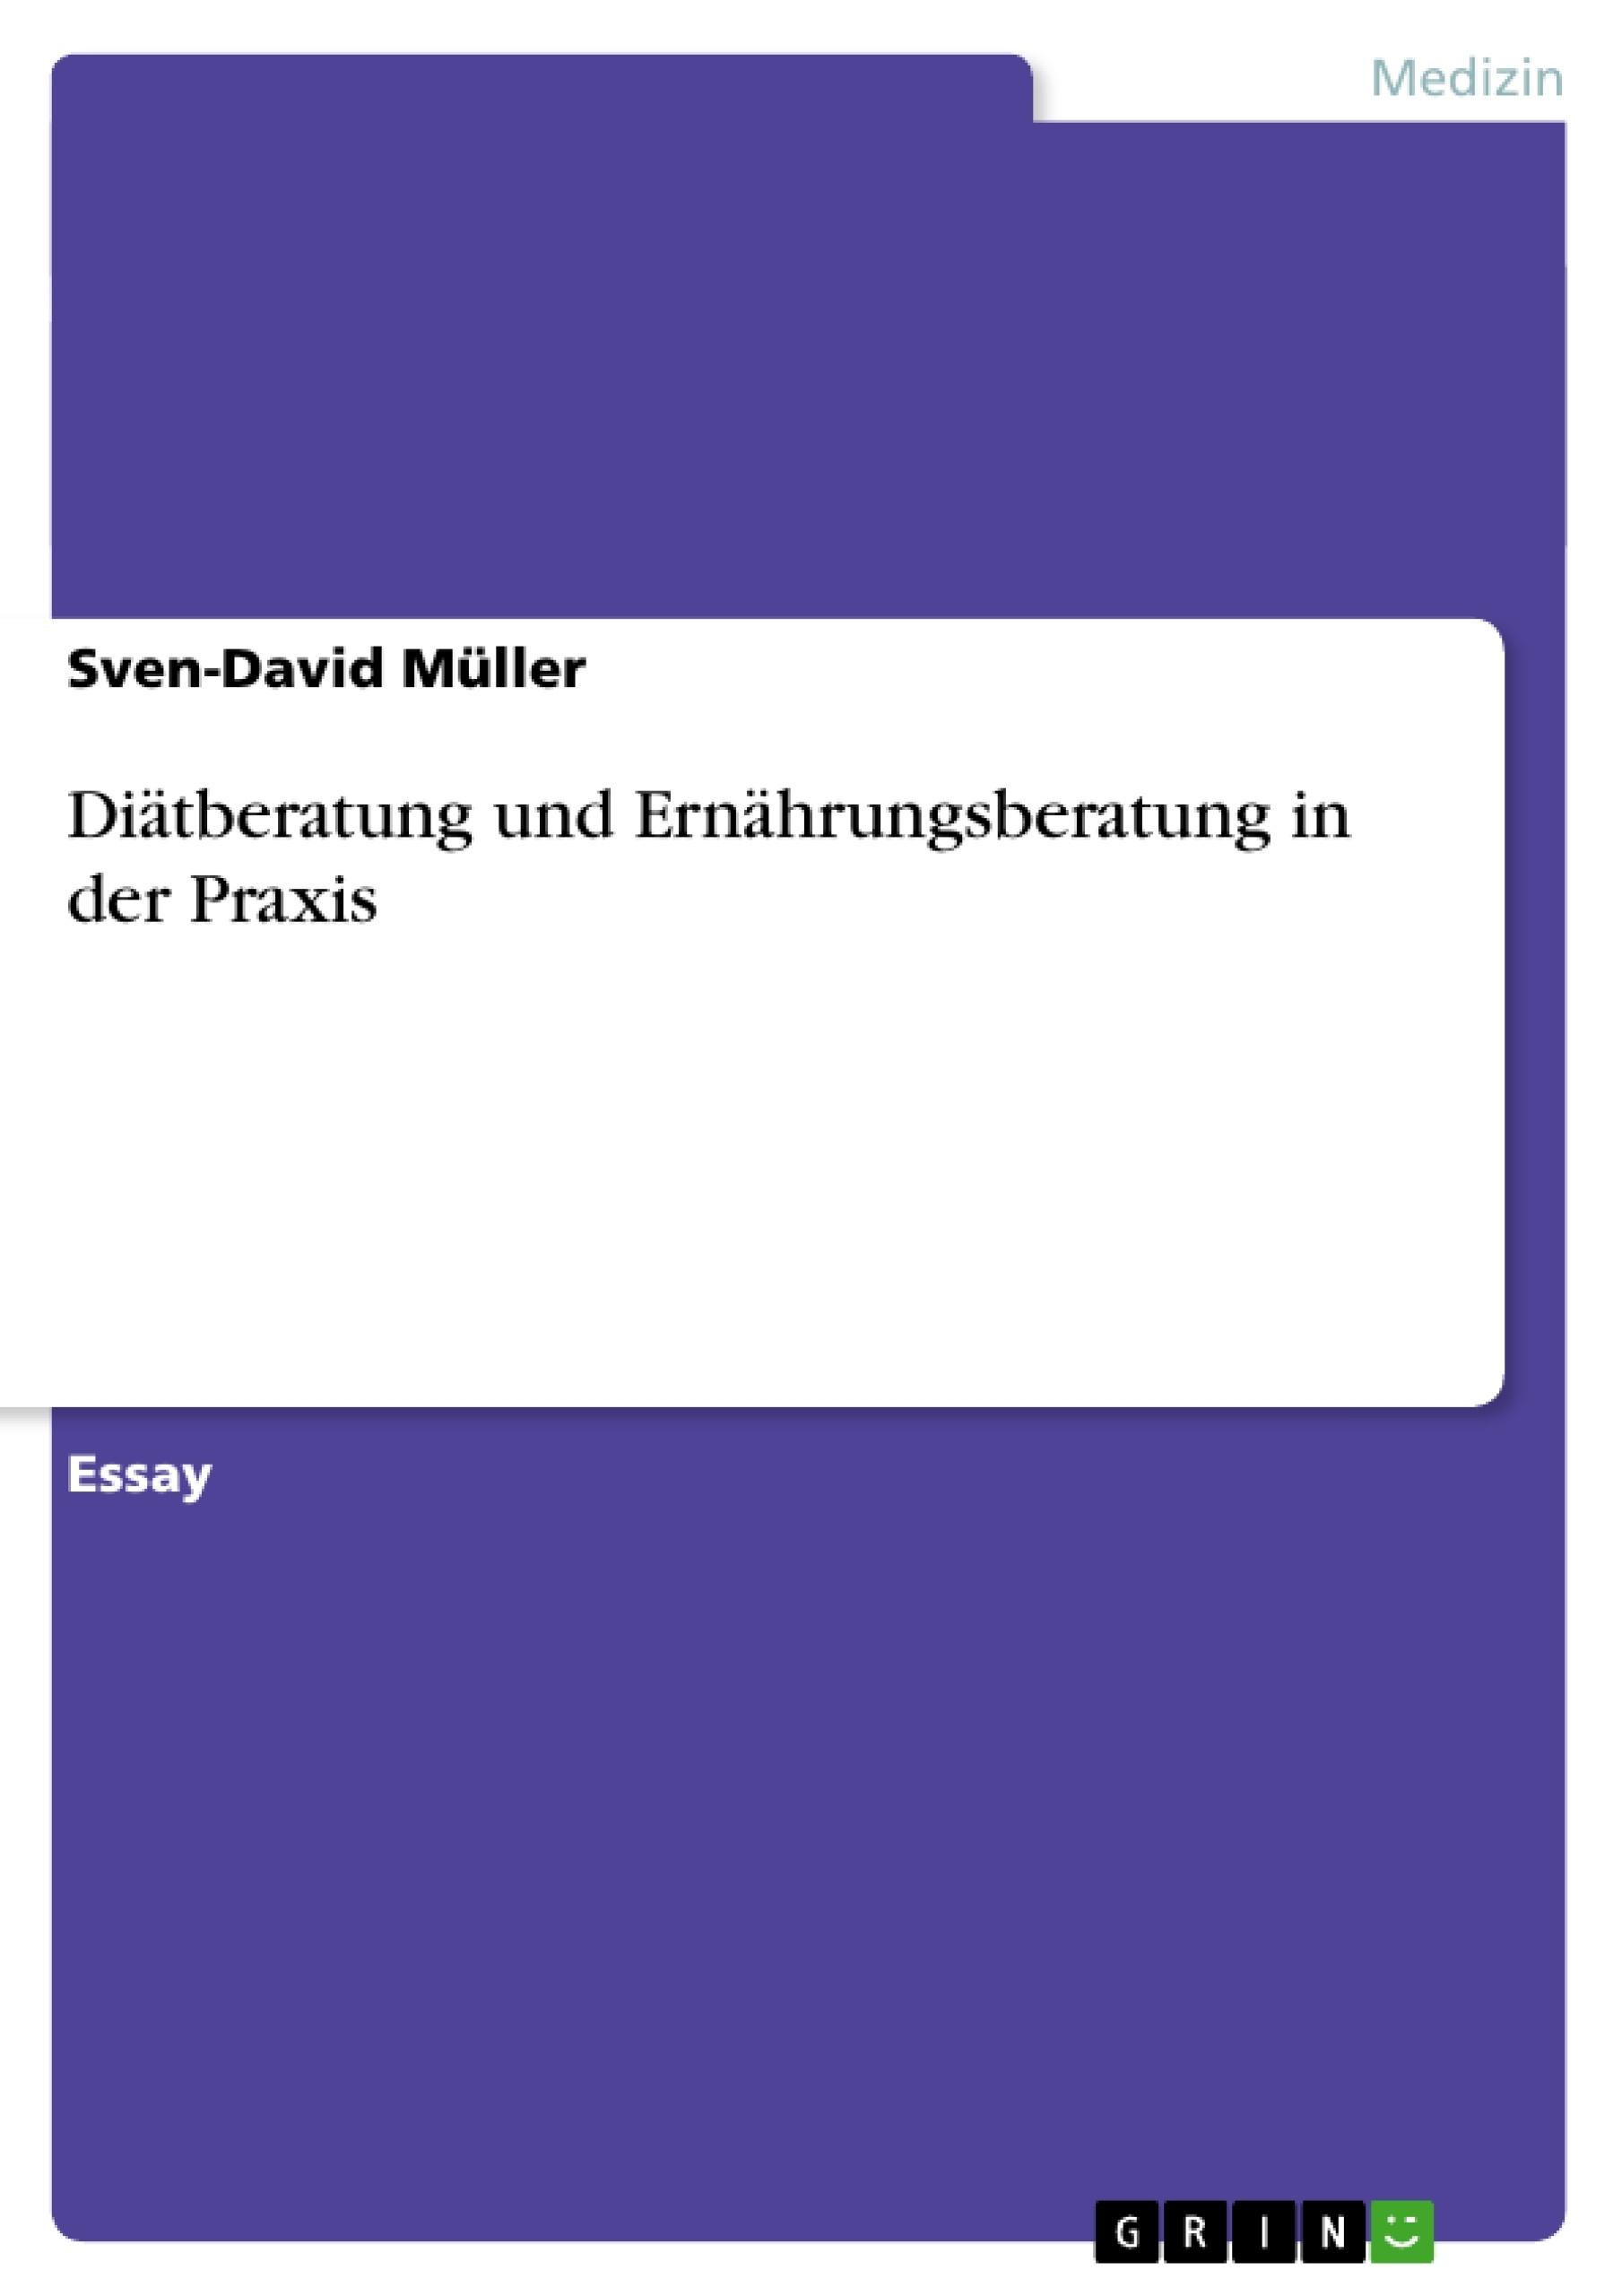 Titel: Diätberatung und Ernährungsberatung in der Praxis